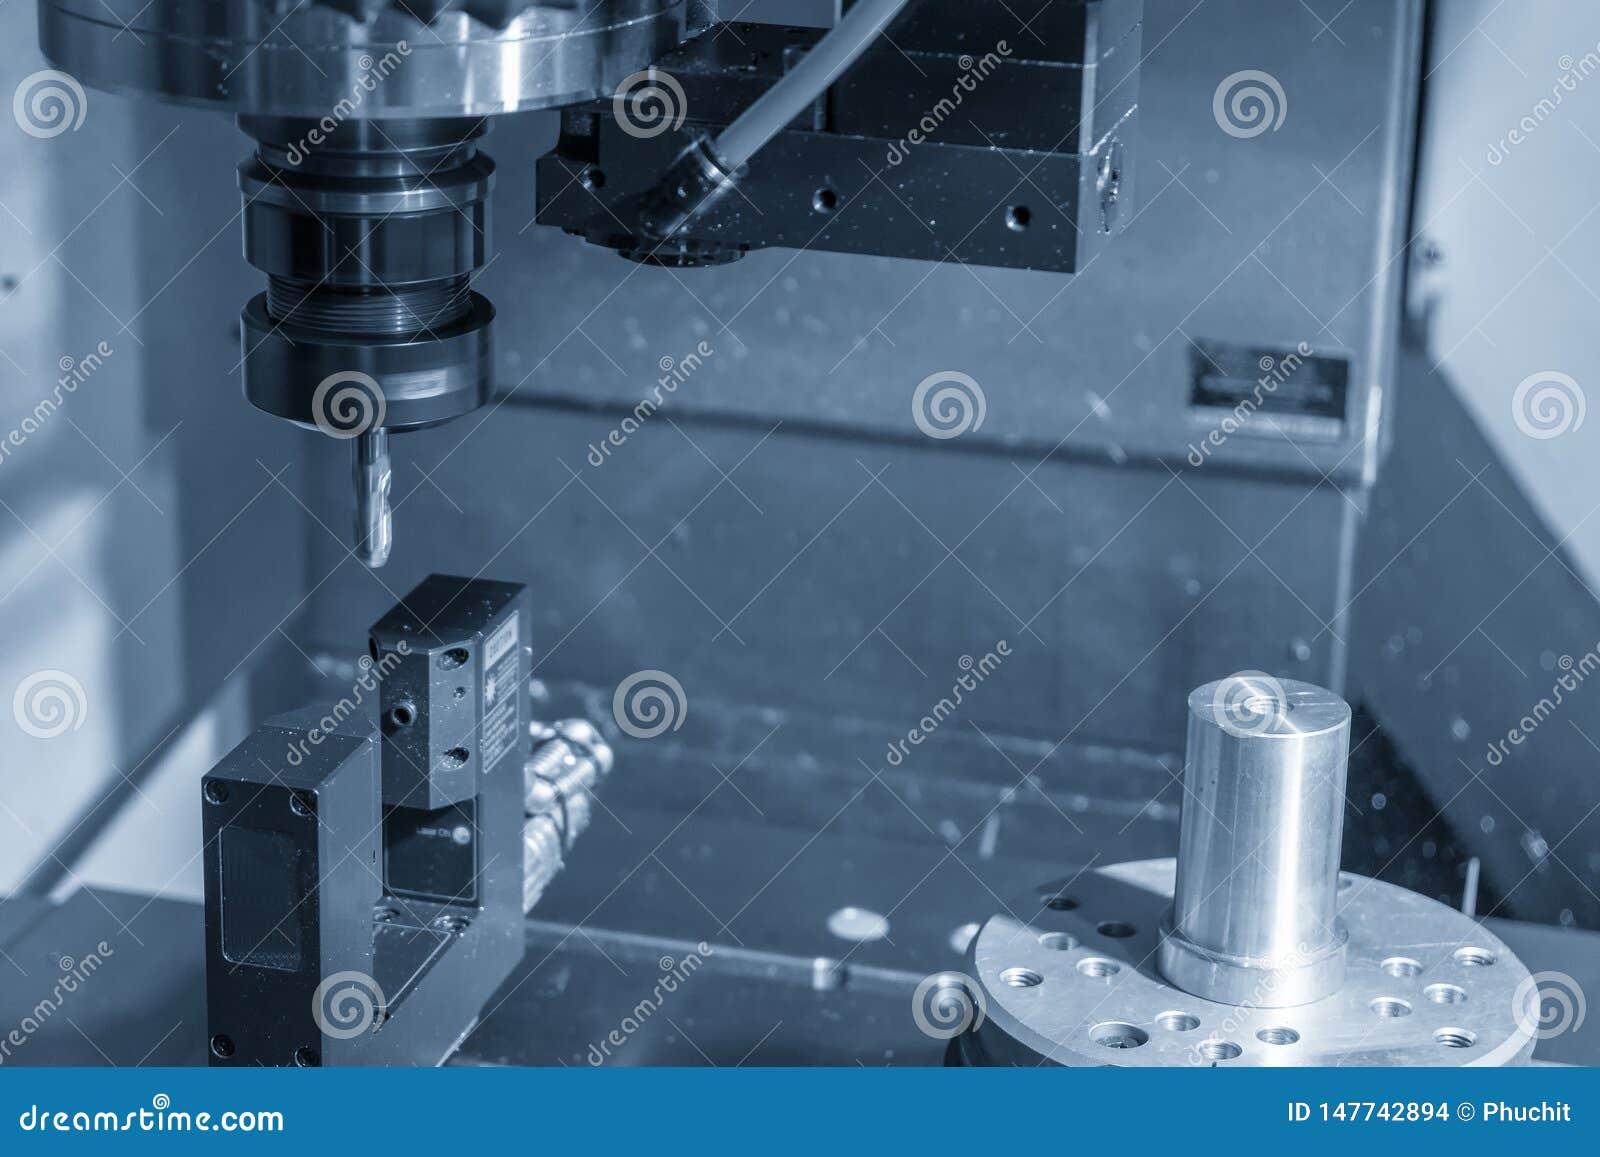 CNC mielenia maszyny pomiarowa narzędziowa długość precyzja laseru wyposażeniem